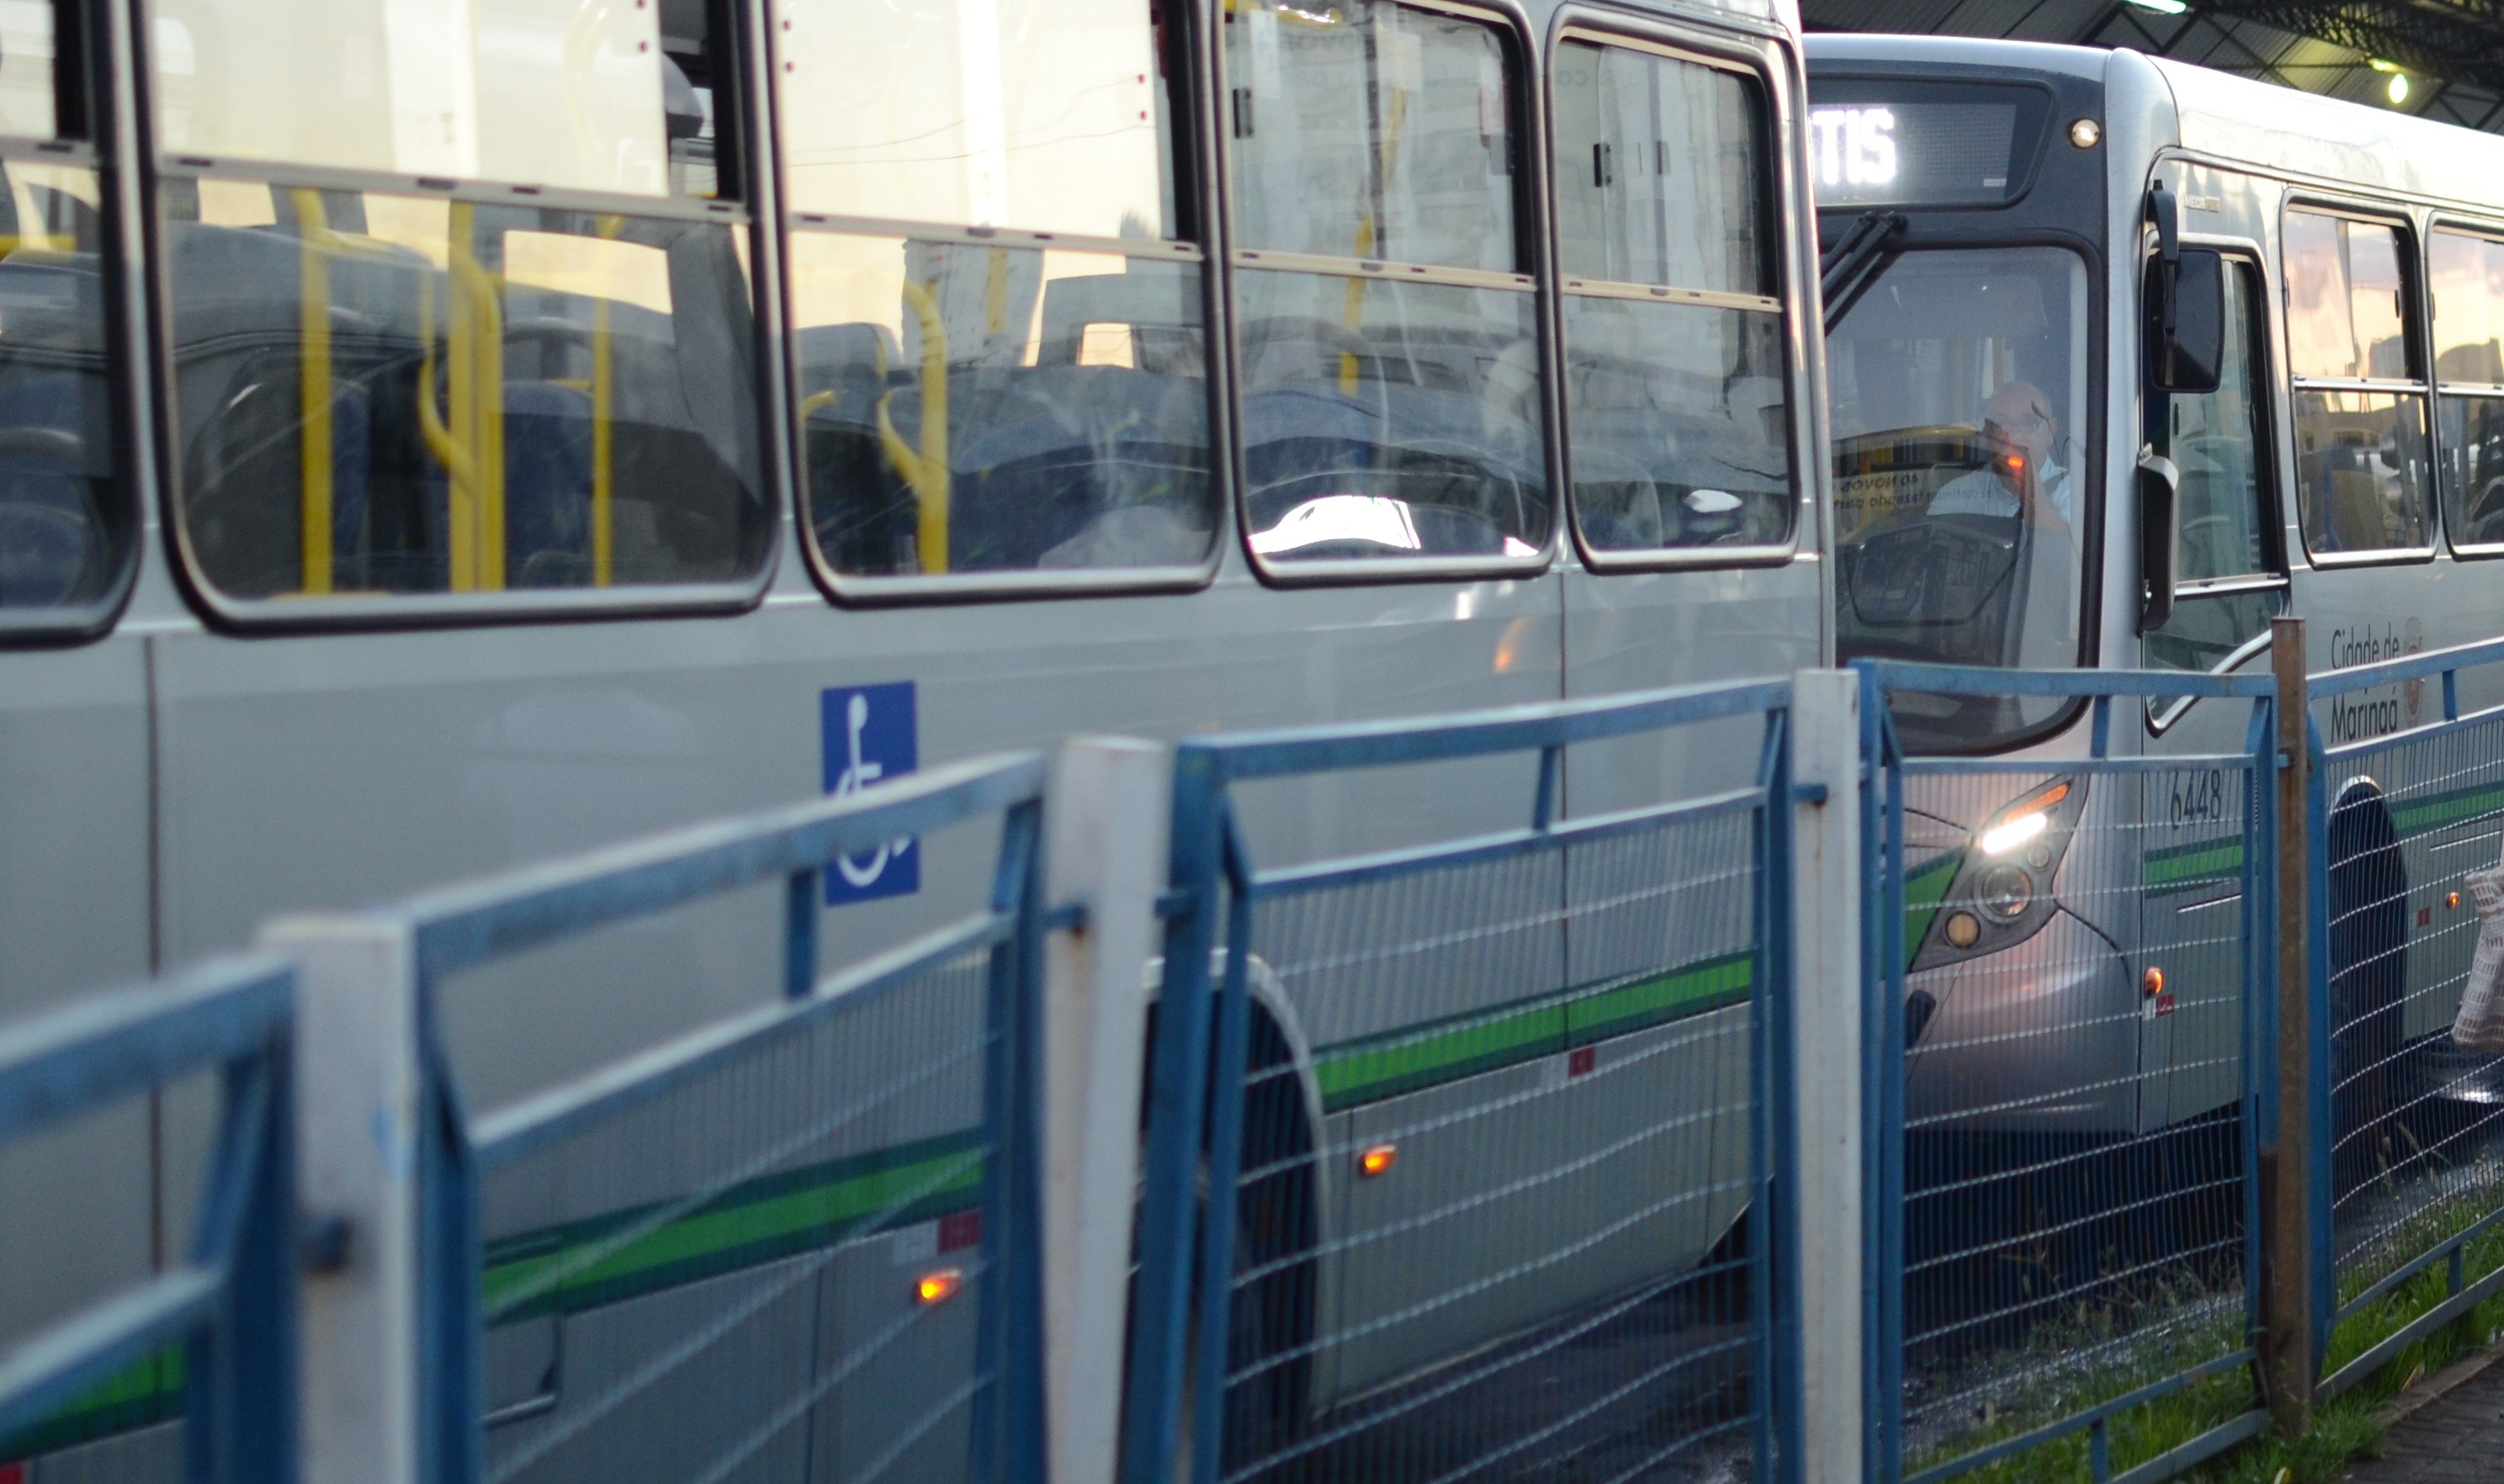 Reajuste da tarifa só será decretado após a chegada de novos ônibus, diz Ulisses Maia